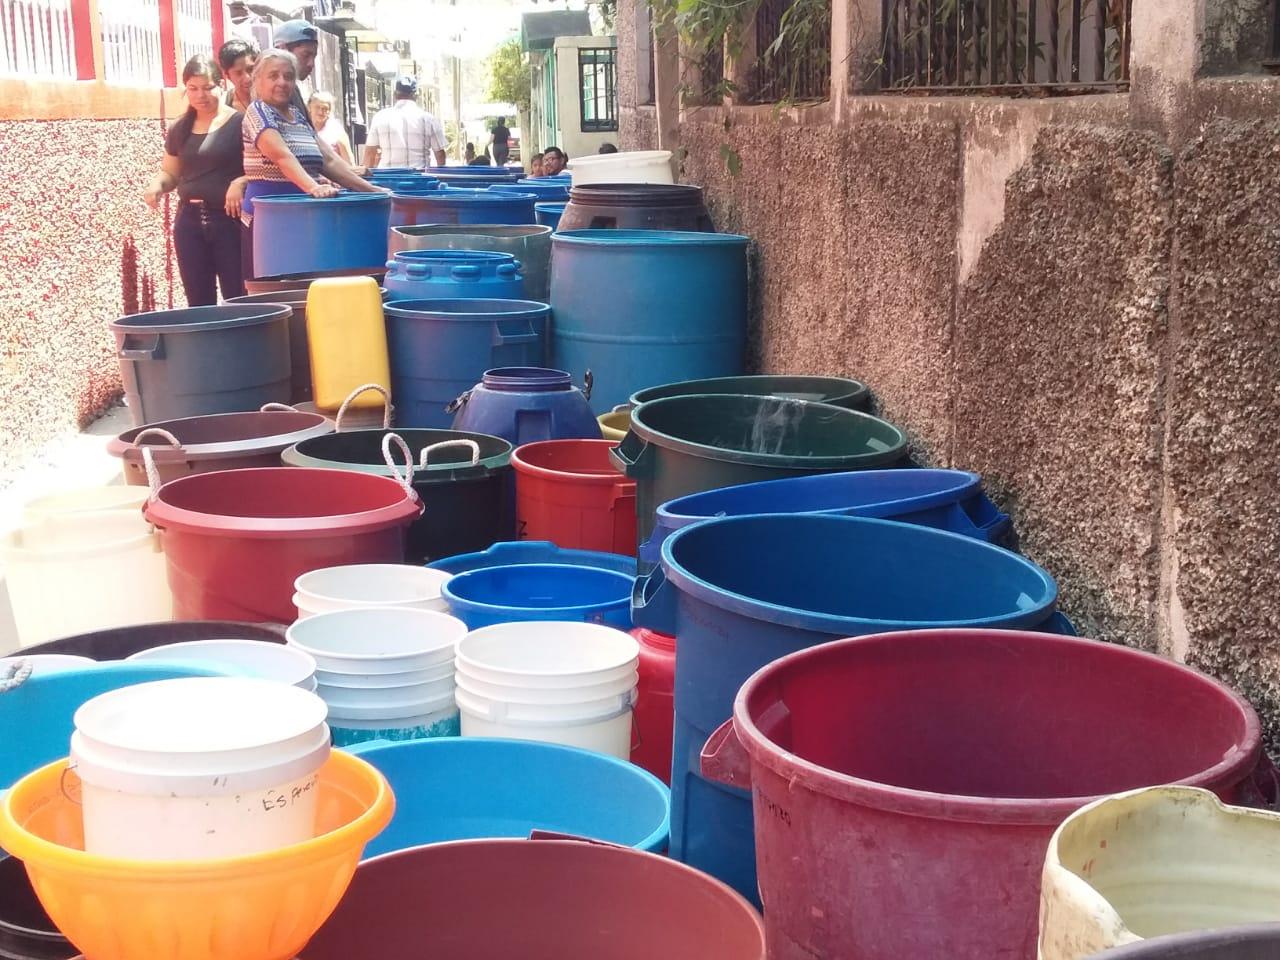 Vecinos de Santa Faz, Chinautla, deben comprar agua todos los días, debido a que no cuentan con el servicio desde hace varias semanas.(Foto Prensa Libre: cortesía)